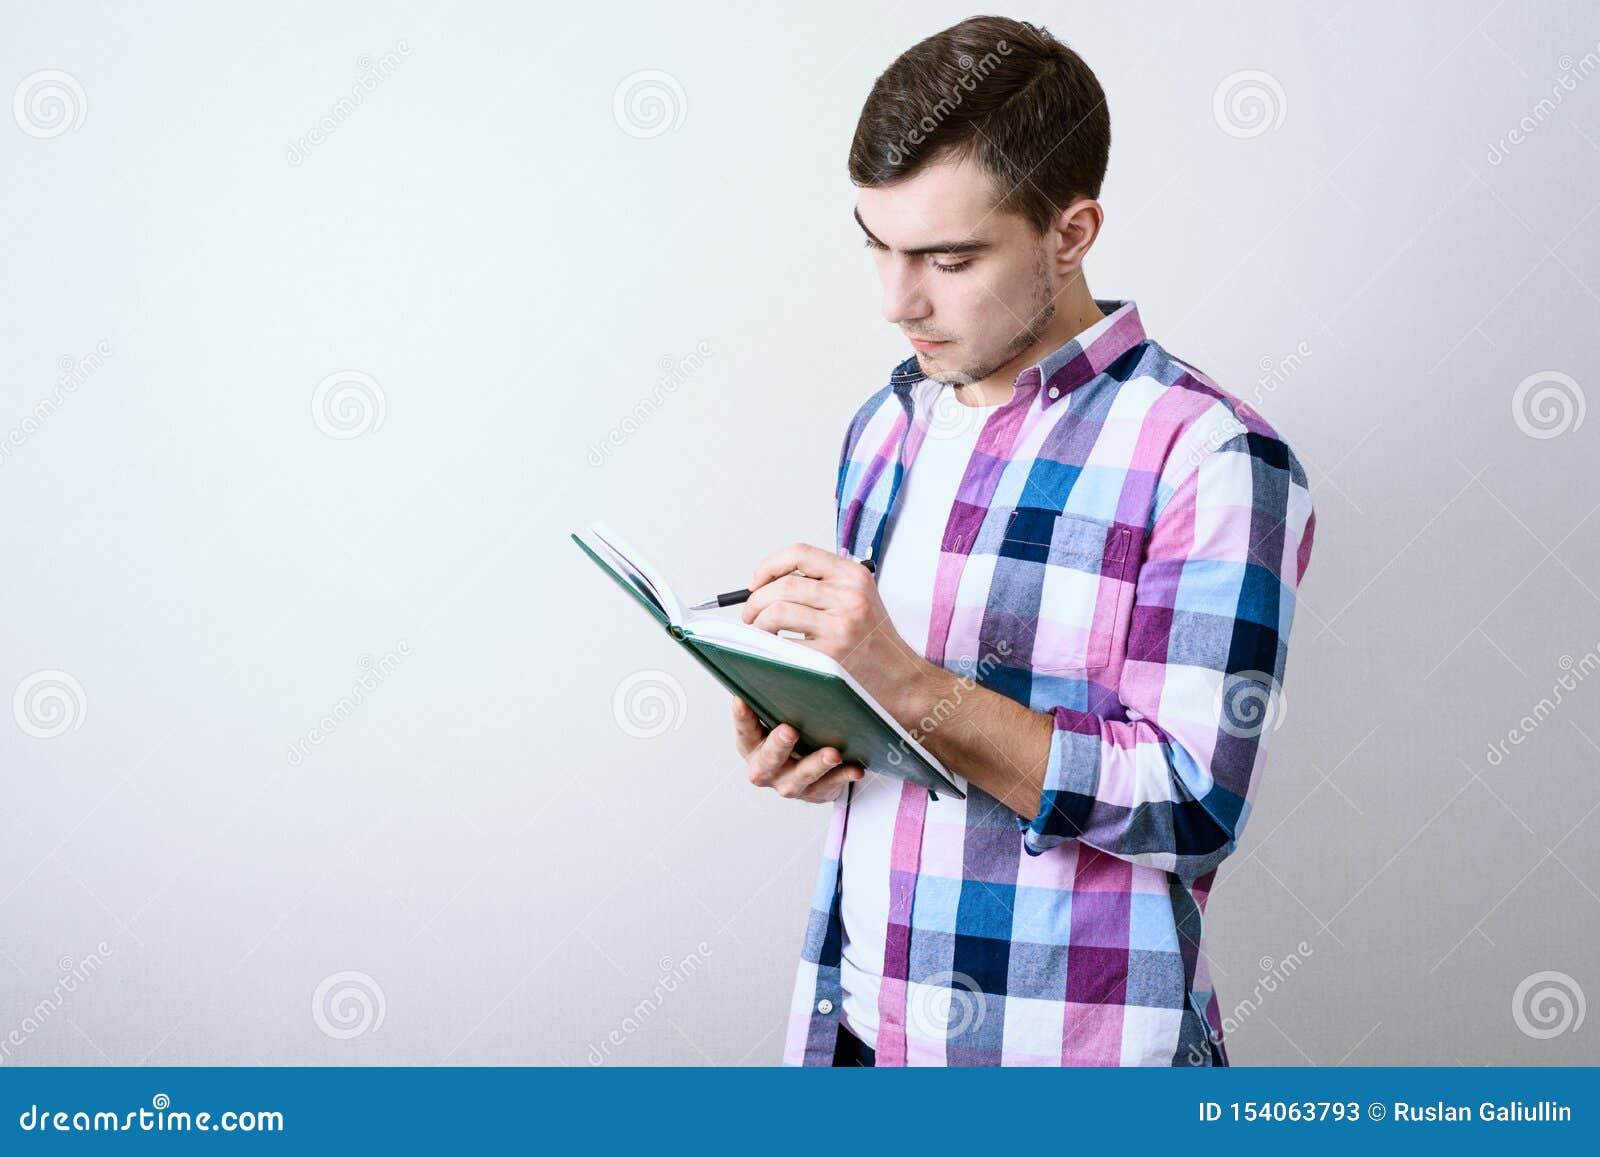 学习关于灰色背景的年轻白男生演讲笔记与拷贝空间